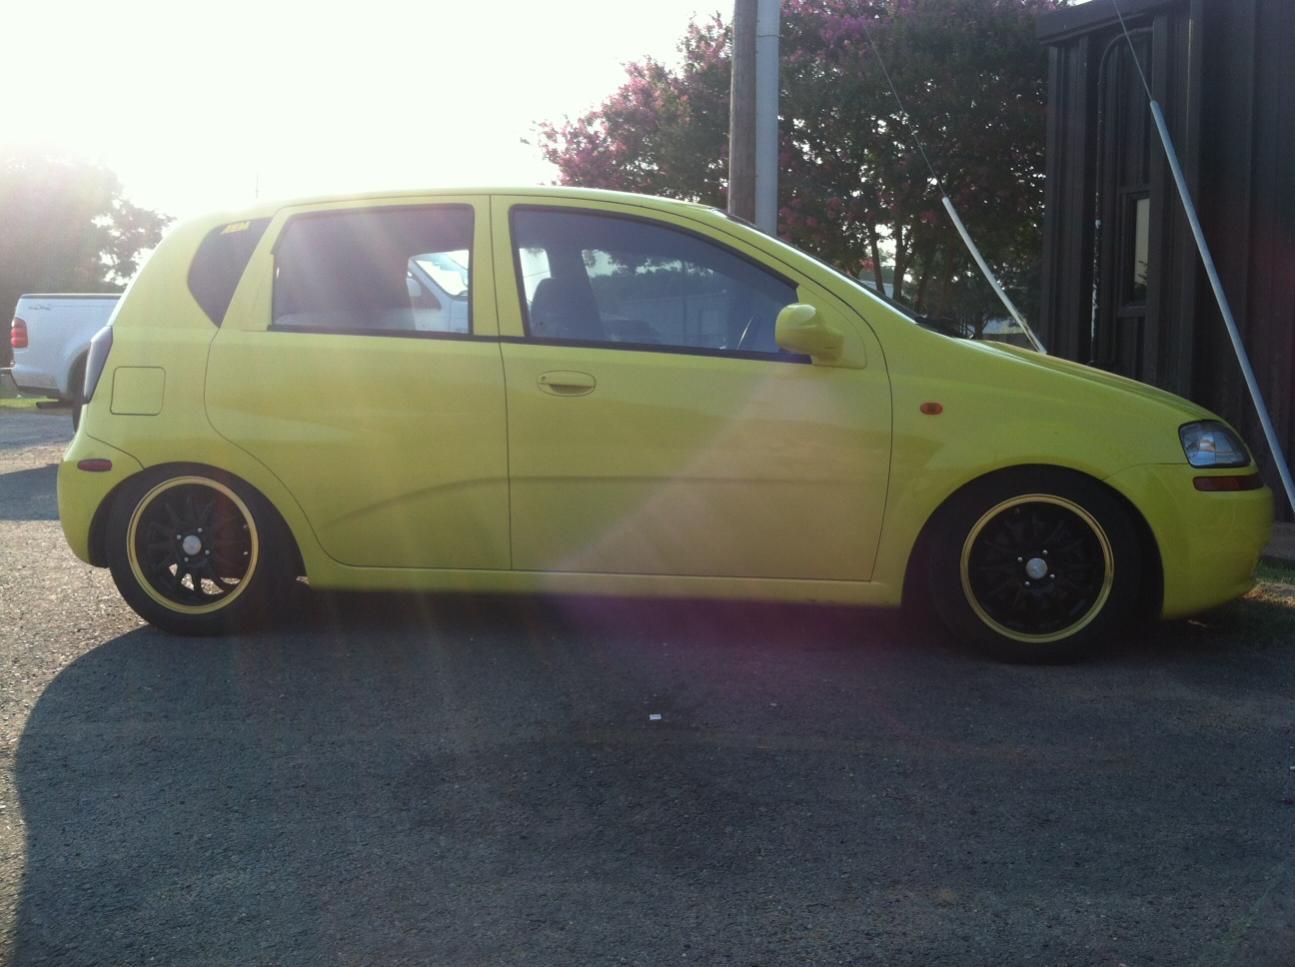 Chevrolet chevrolet 2006 aveo : Slammed Aveo